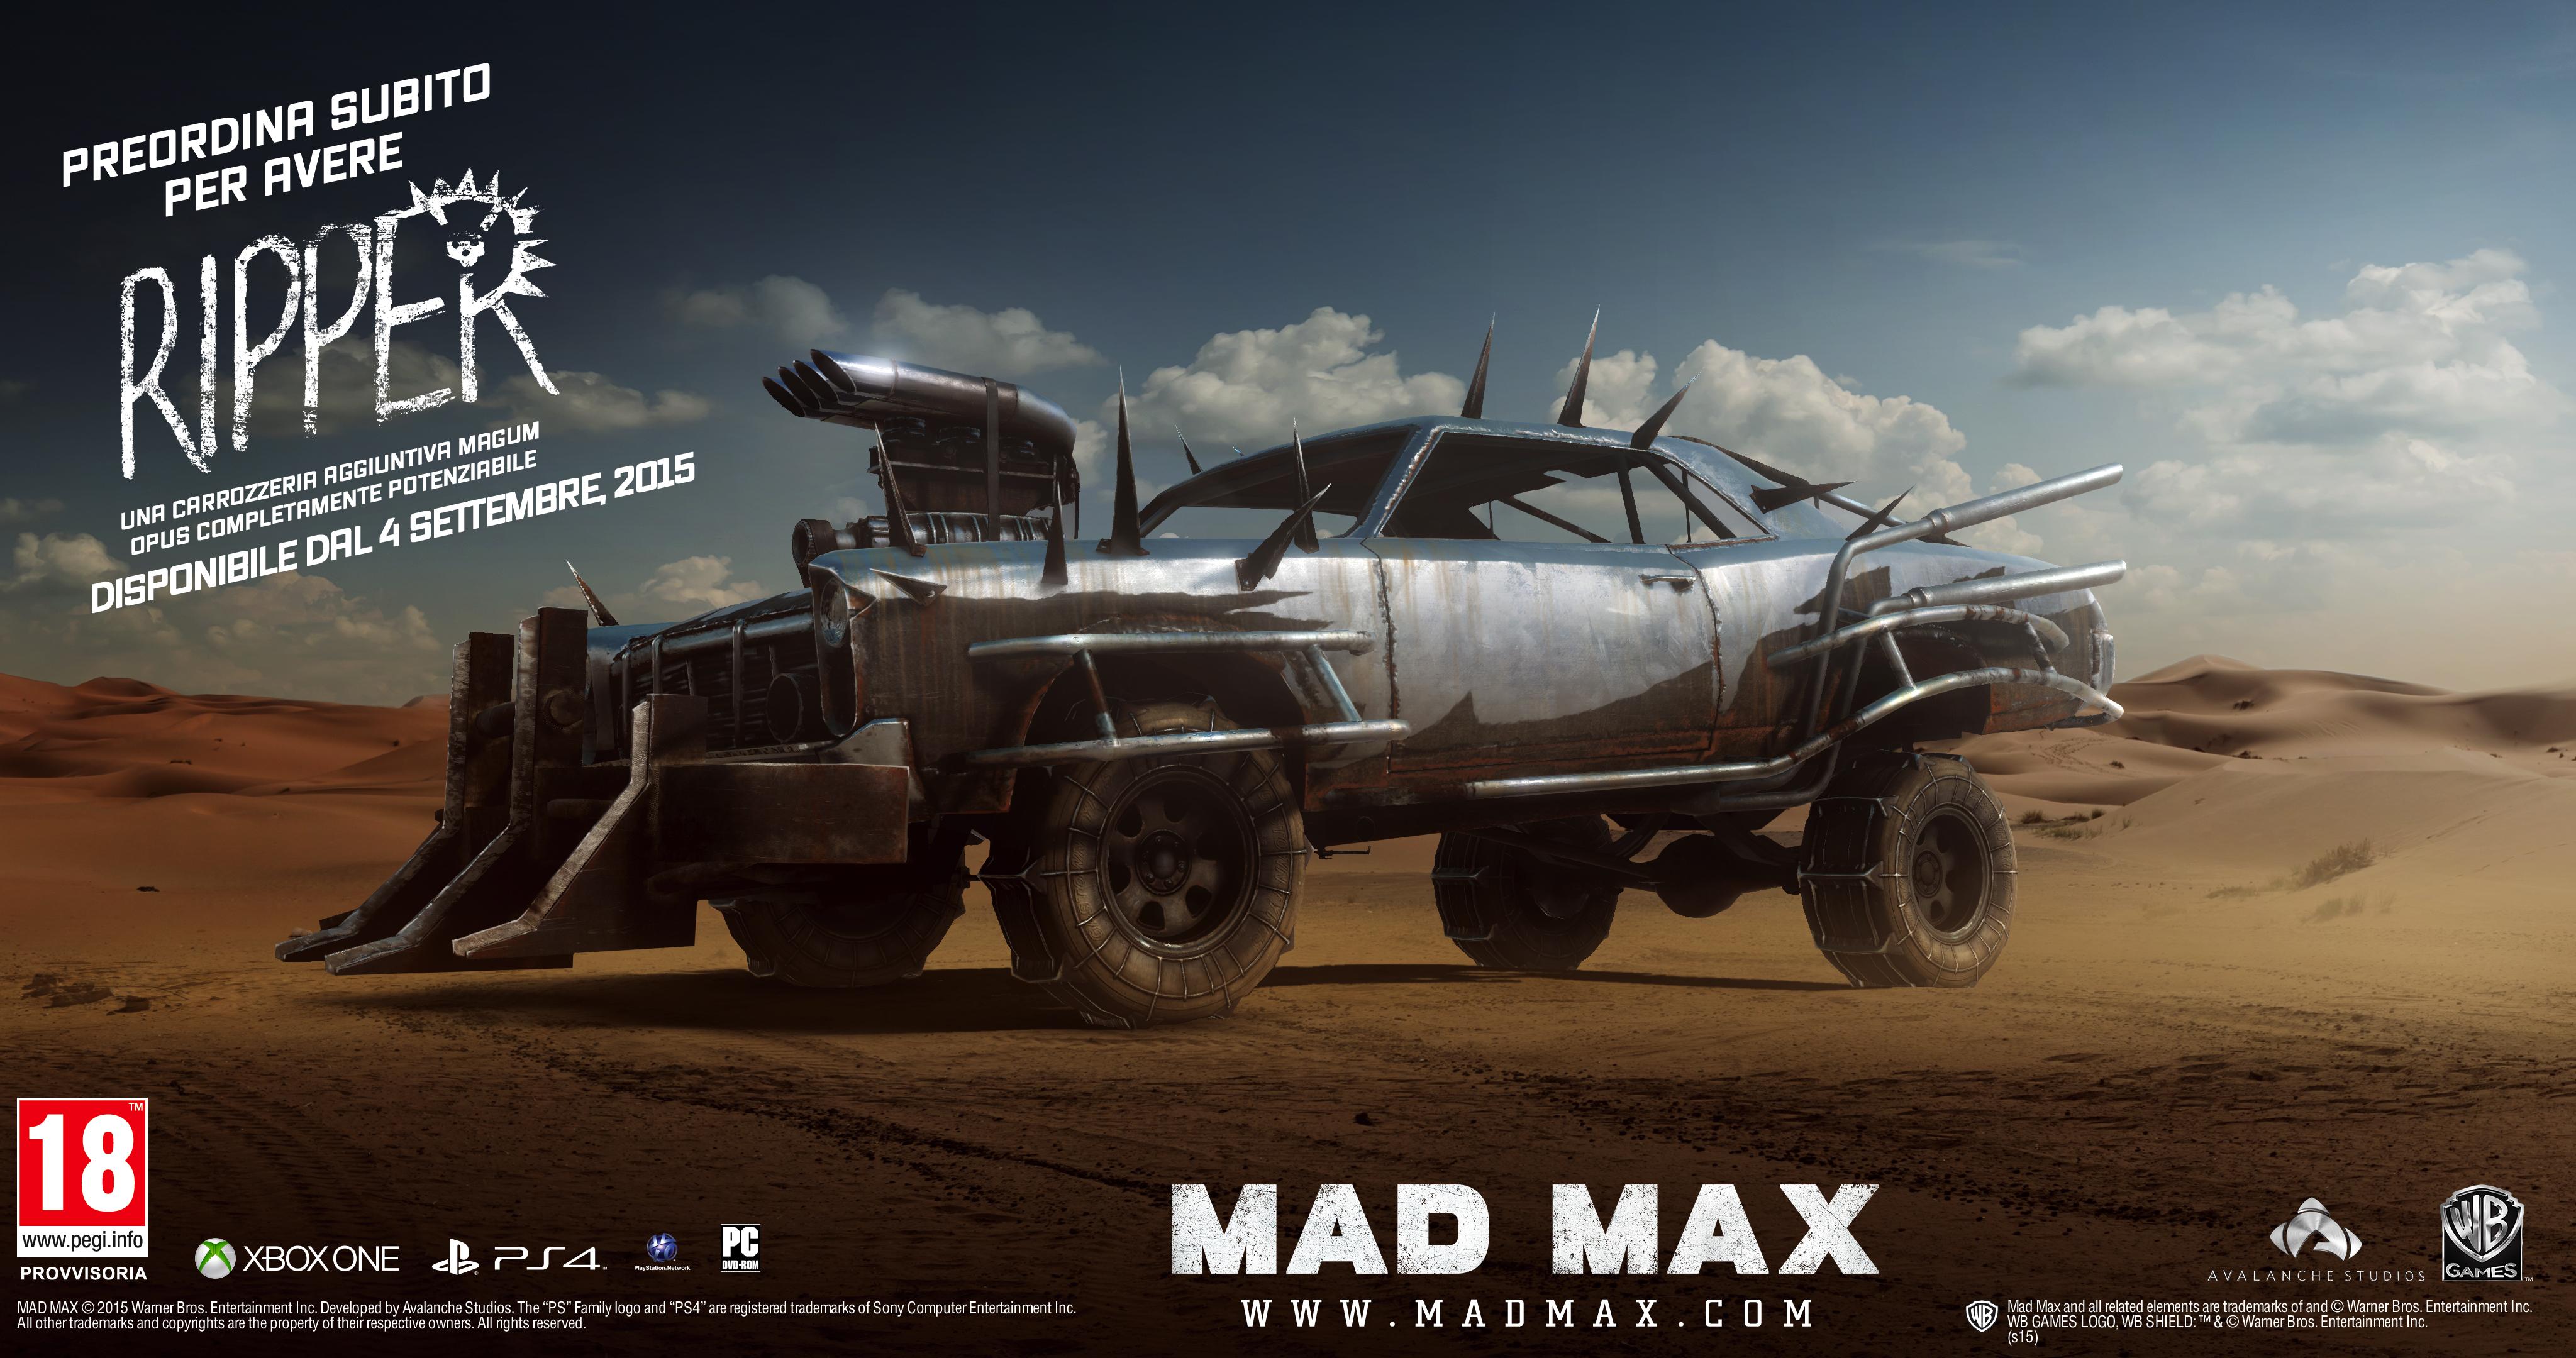 MadMax_Preorder_Ripper_ITA